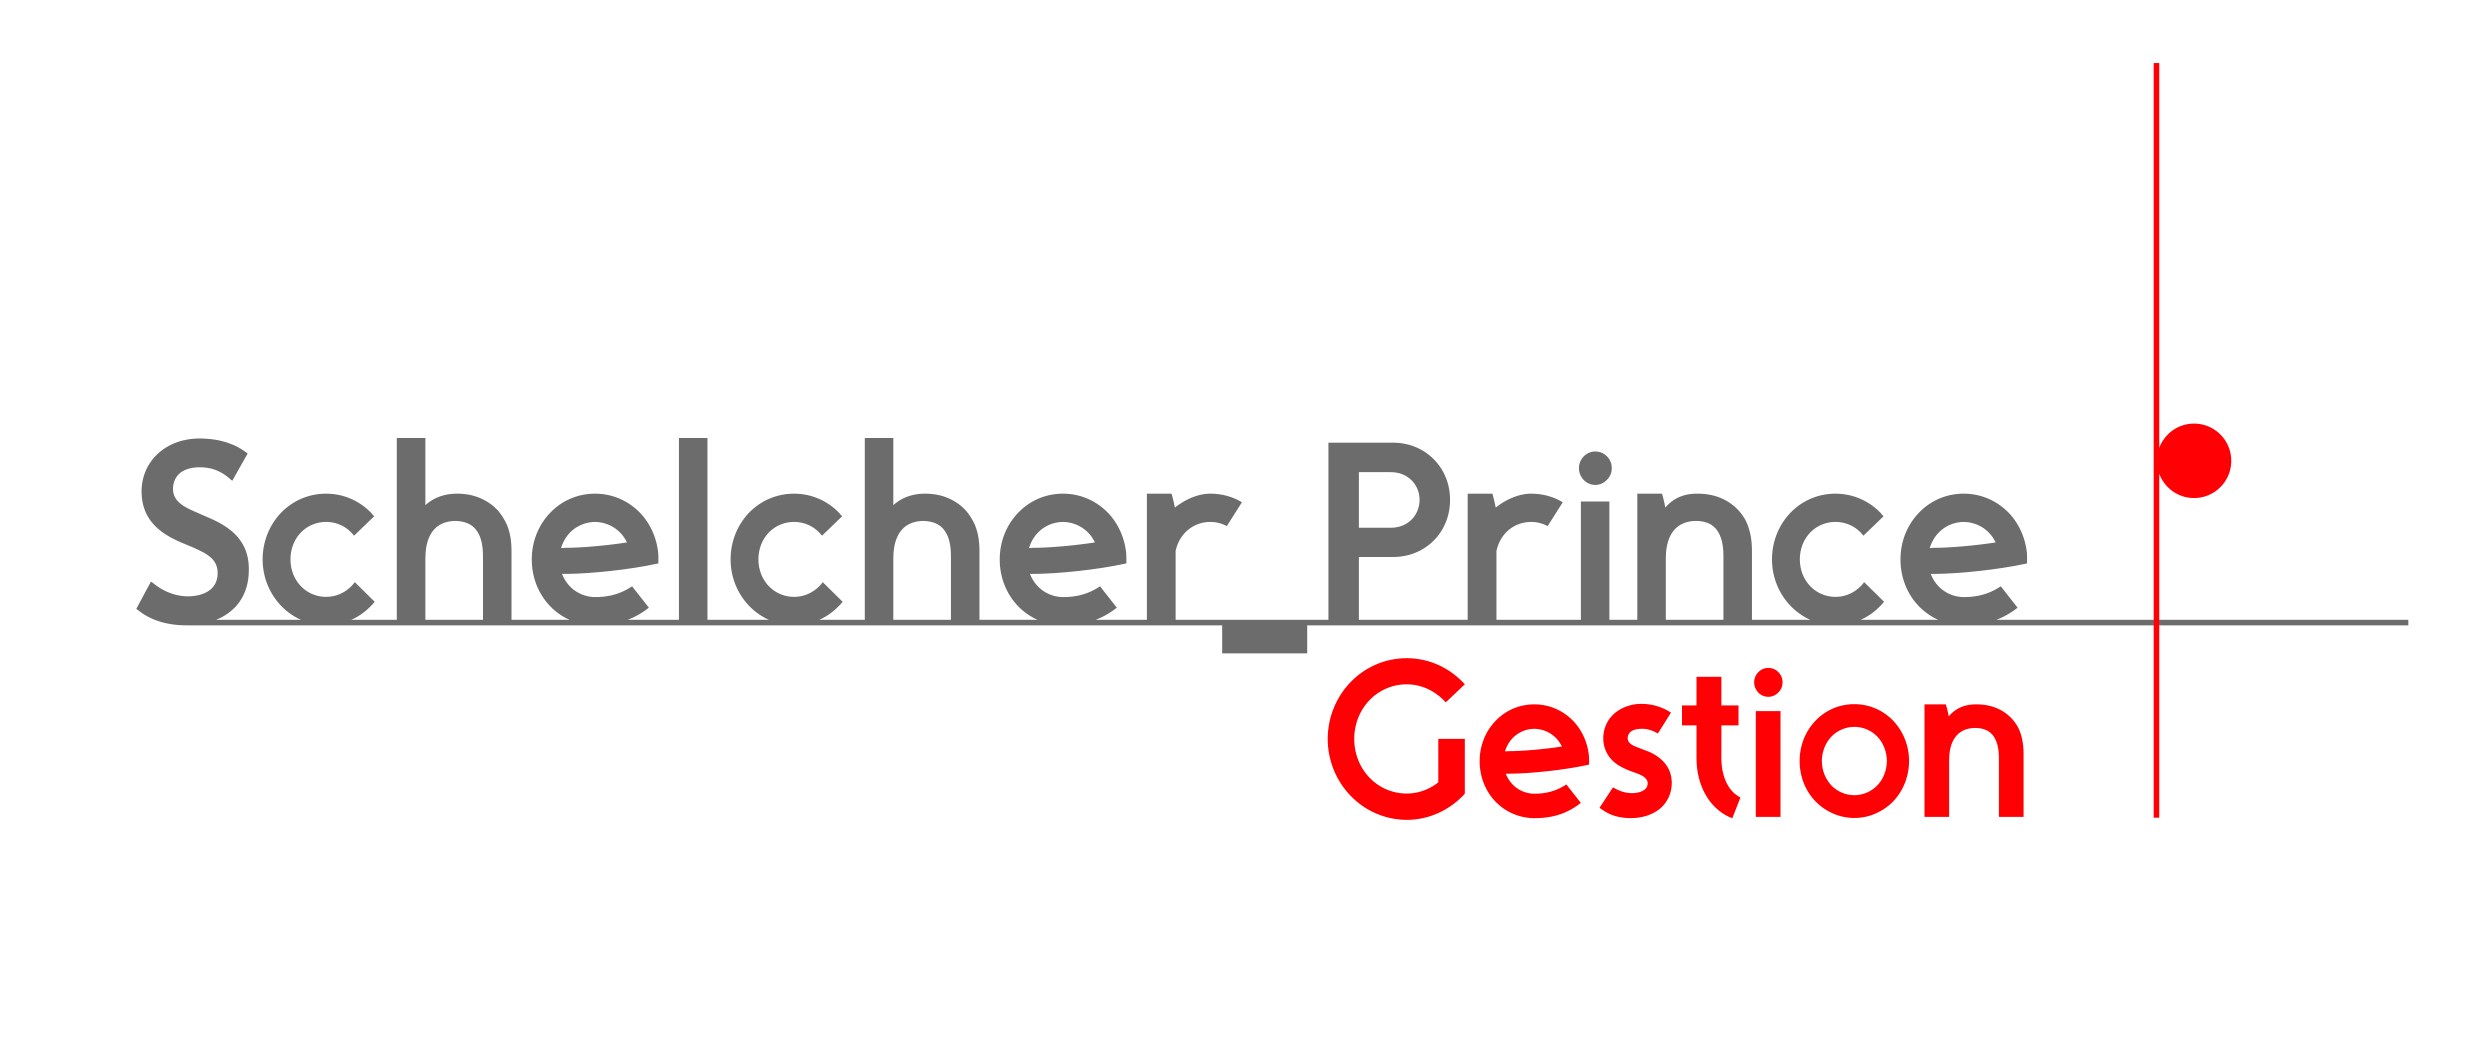 Schelcher et Epsor